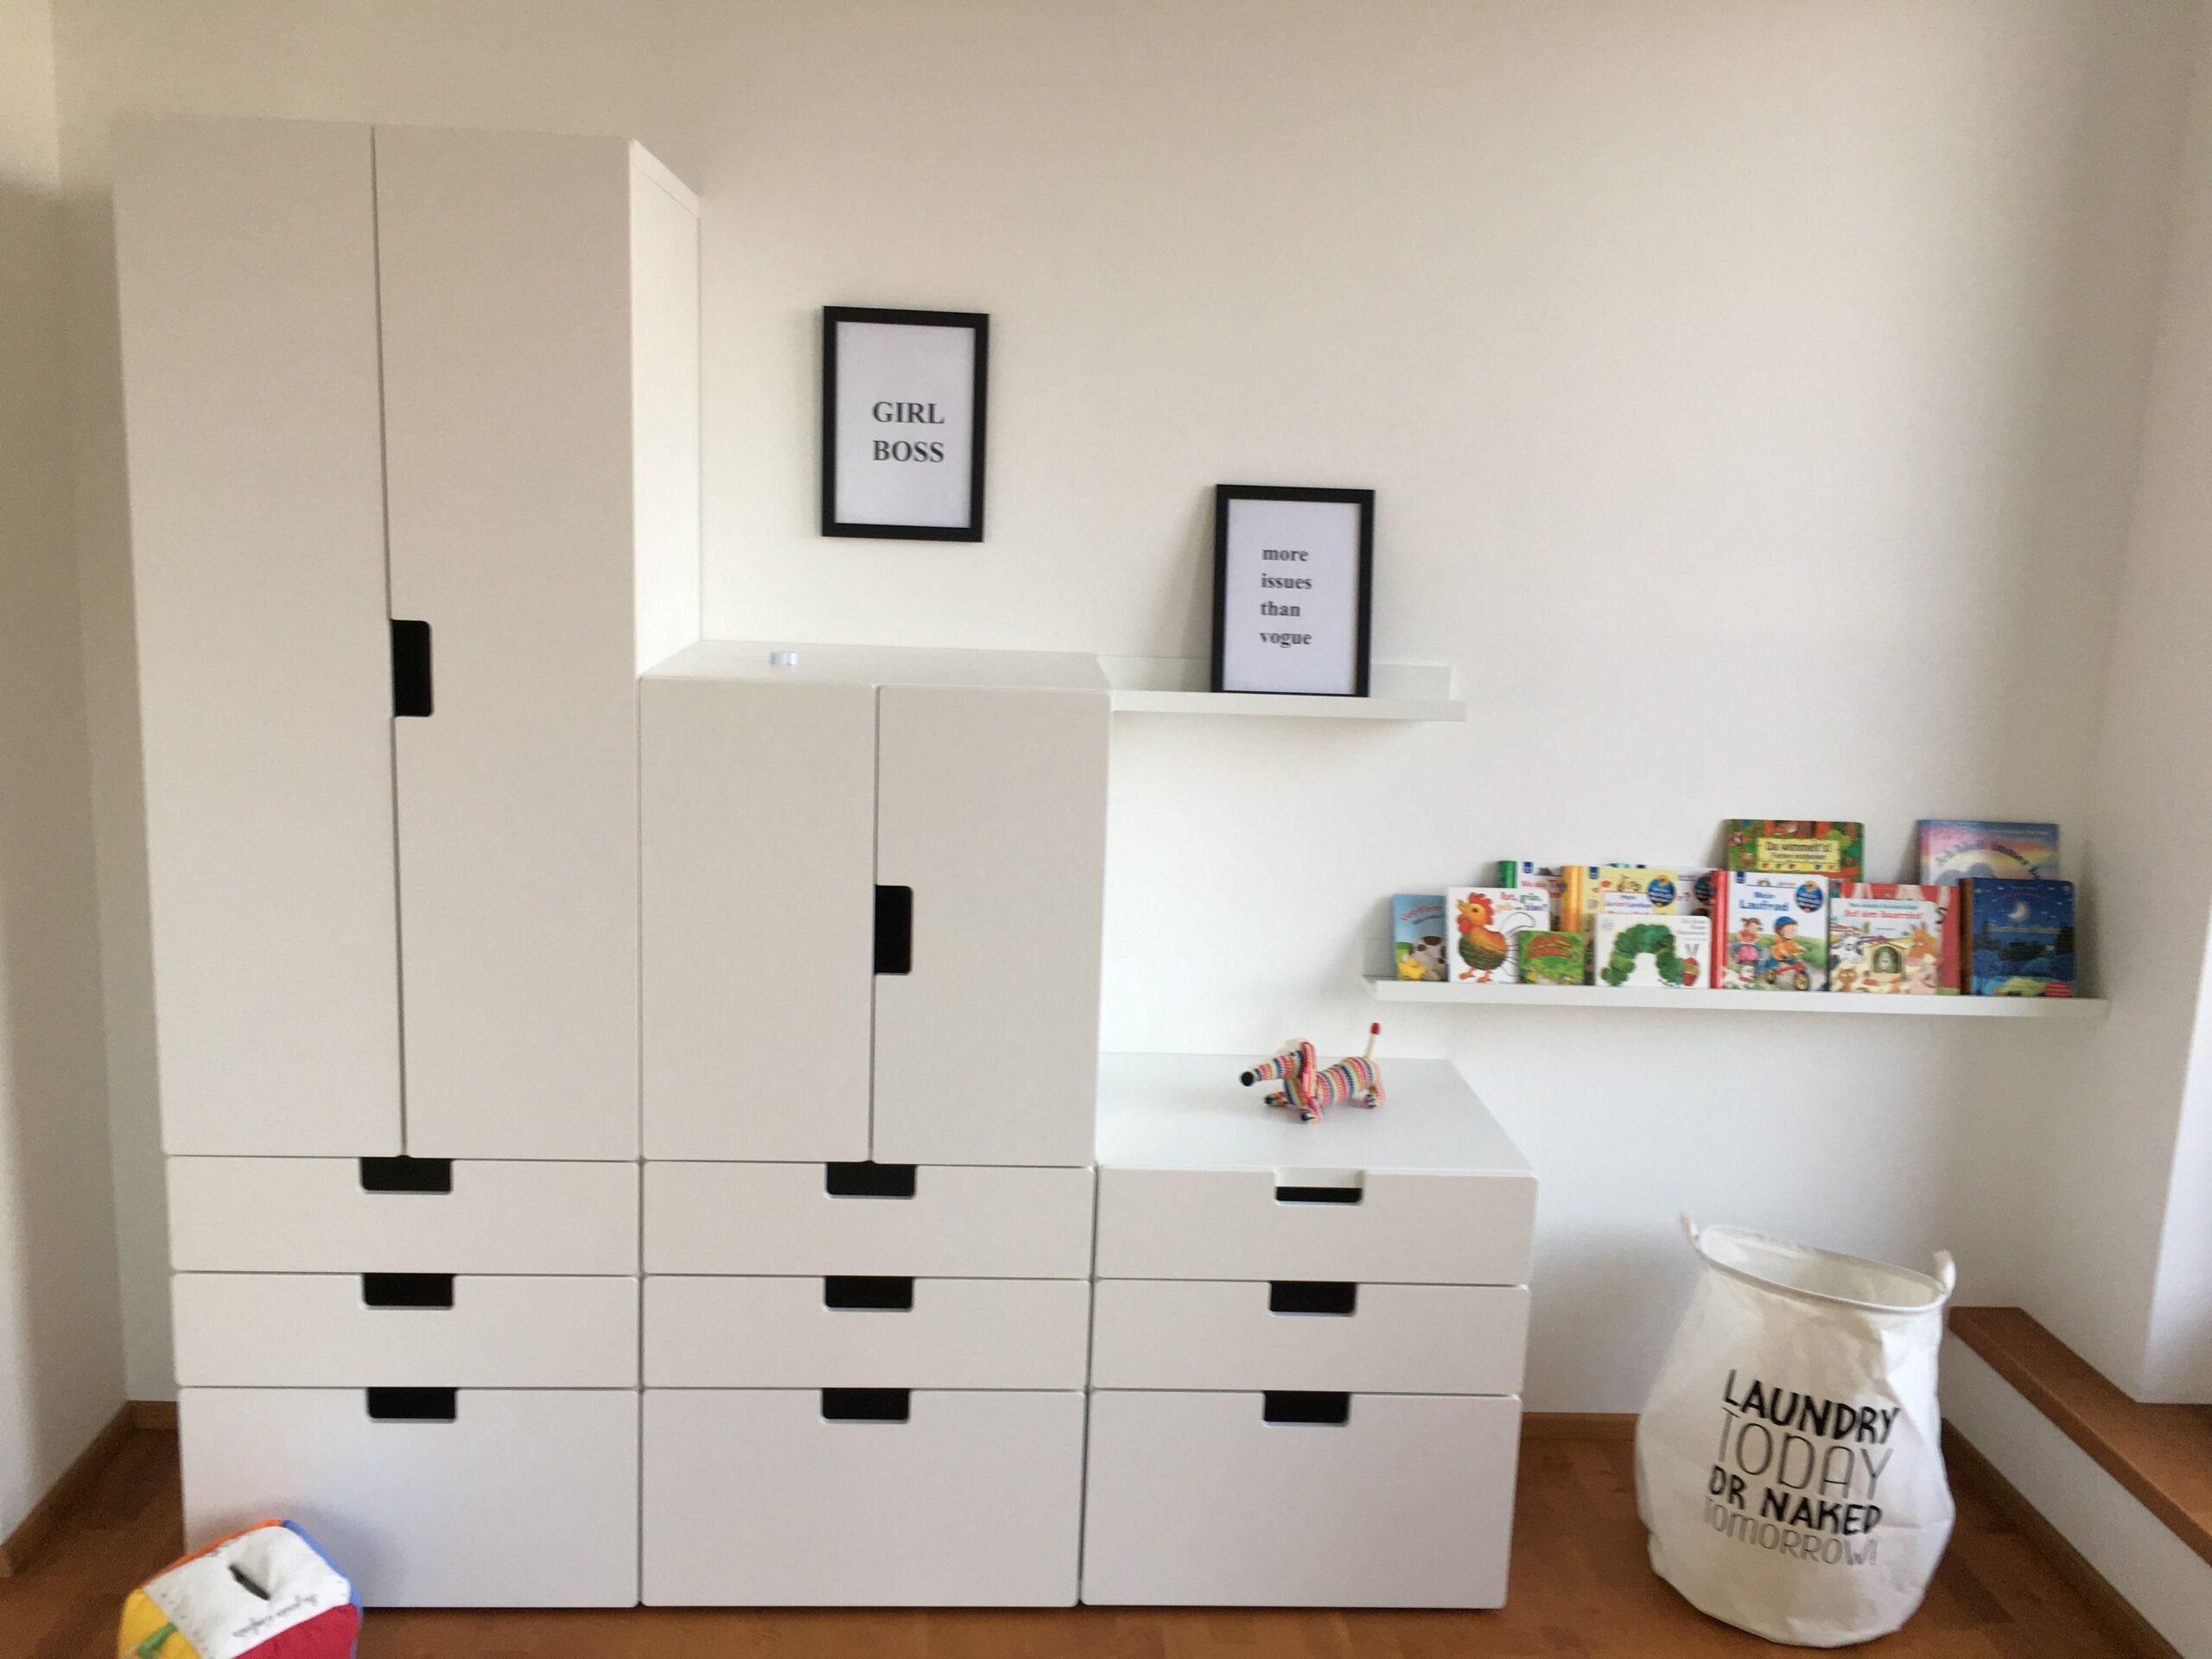 Full Size of Jugendzimmer Ikea Küche Kaufen Kosten Betten 160x200 Bett Sofa Modulküche Bei Mit Schlaffunktion Miniküche Wohnzimmer Jugendzimmer Ikea